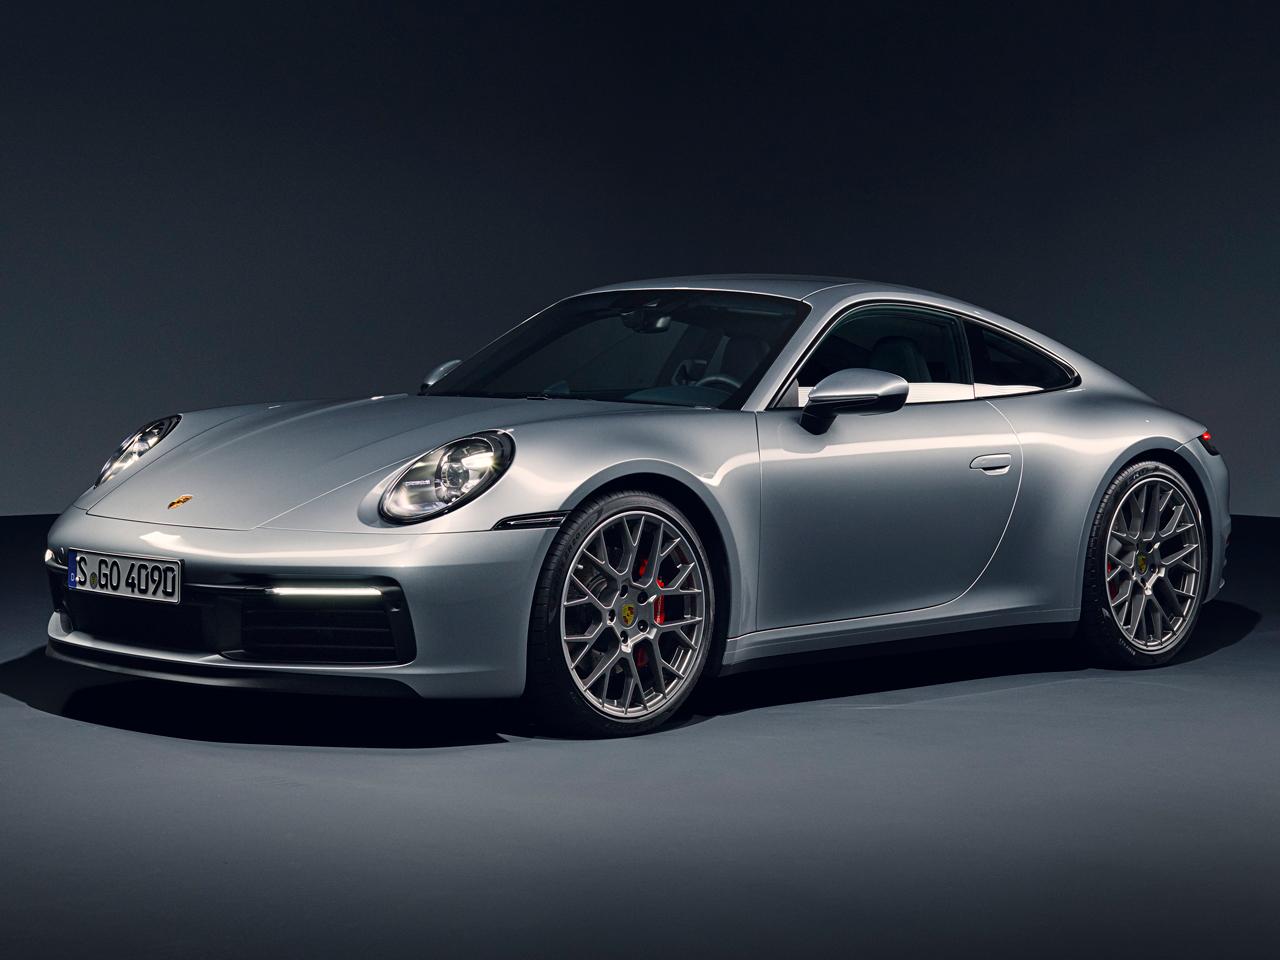 ポルシェ 911カレラ 2019年モデル 新車画像